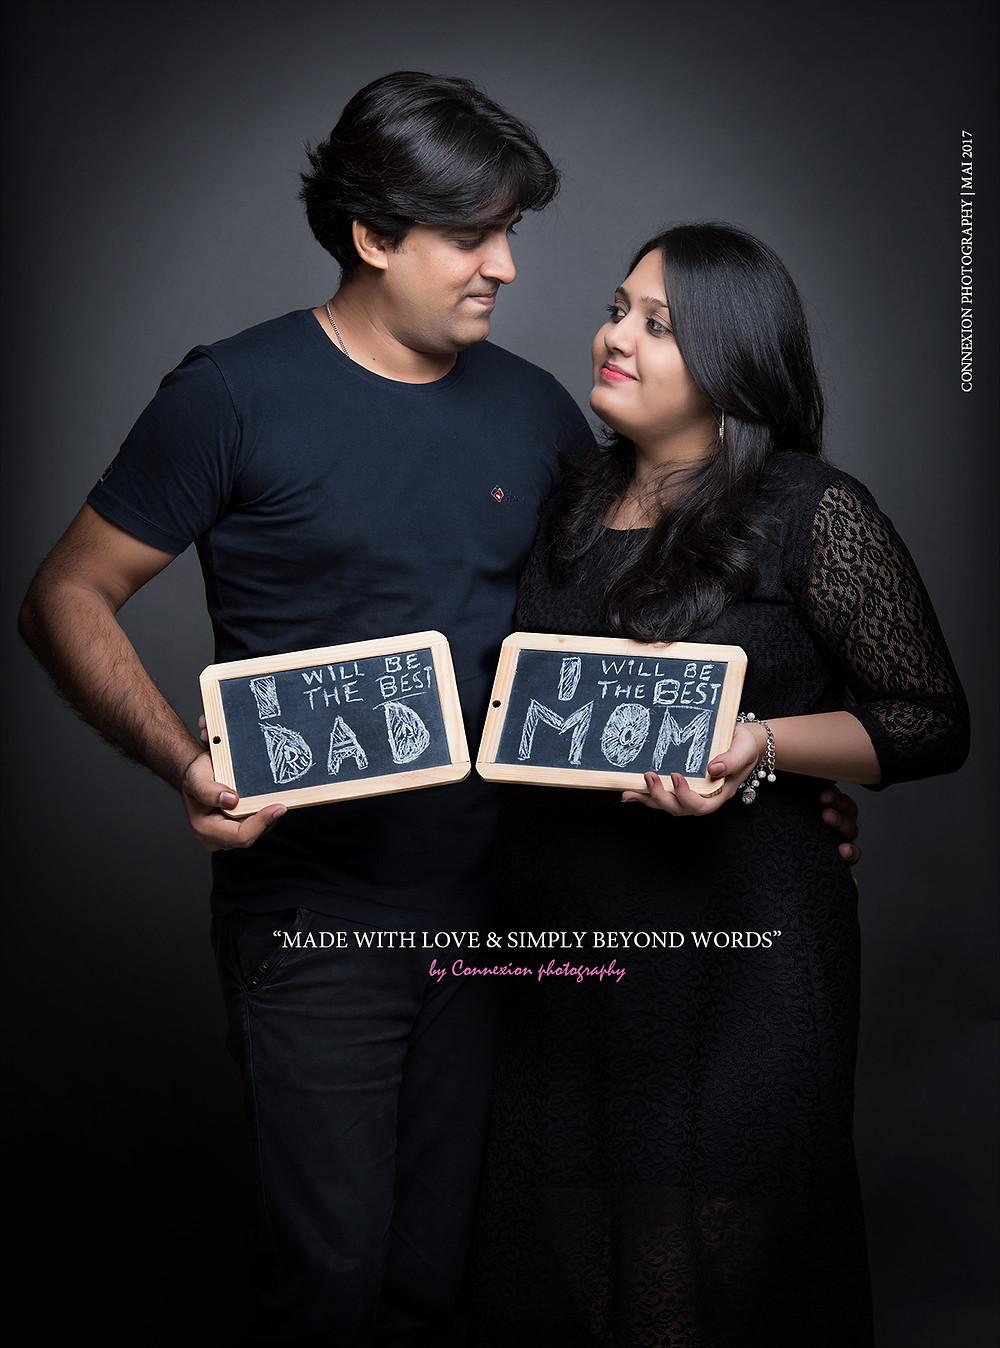 homme avec femme enceinte debout se regardant avec des ardoises en main